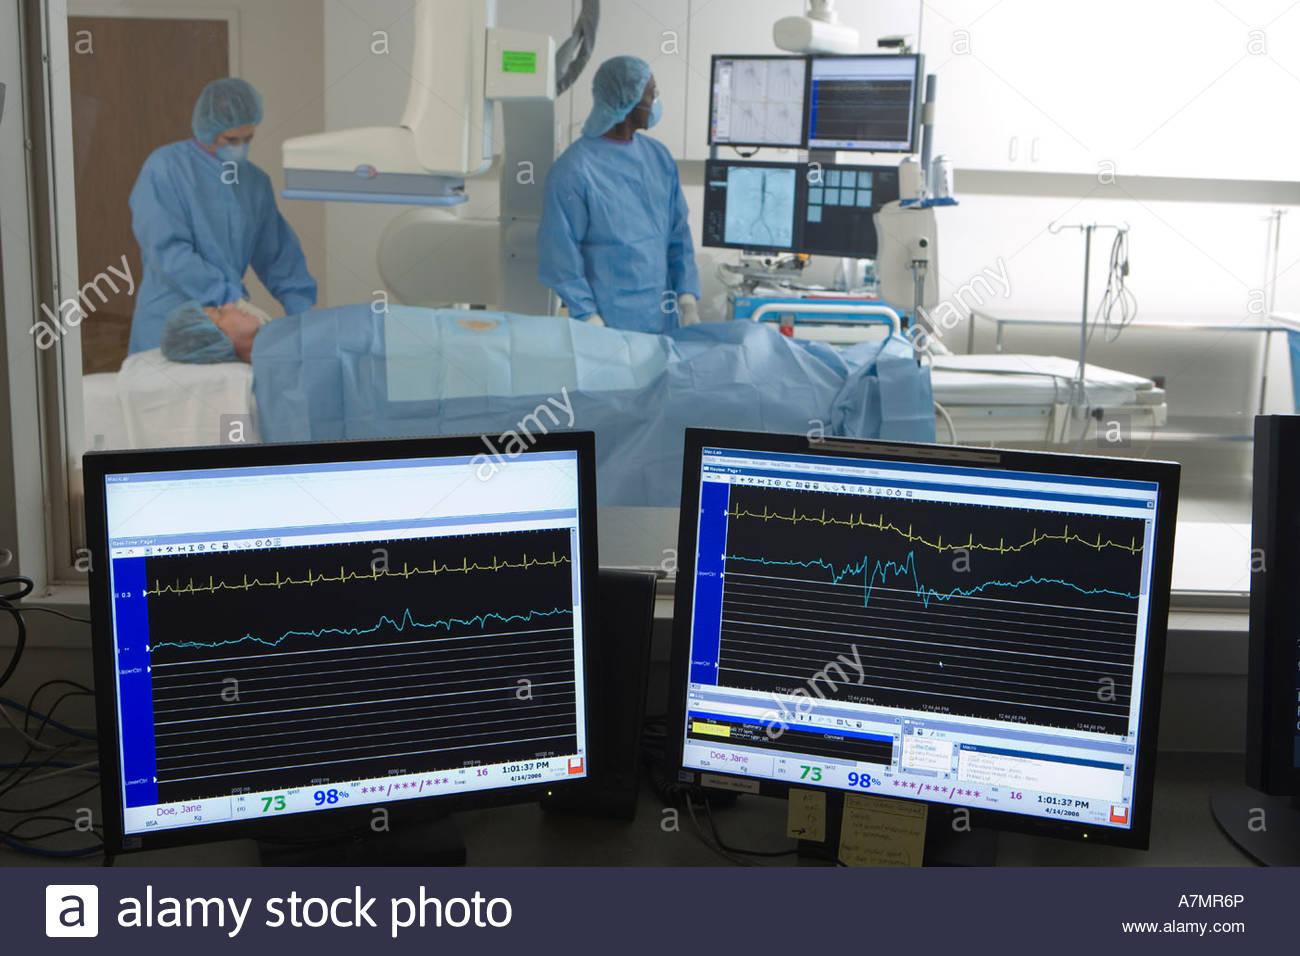 Los médicos en el hospital del paciente exploración visual monitores en primer plano Imagen De Stock